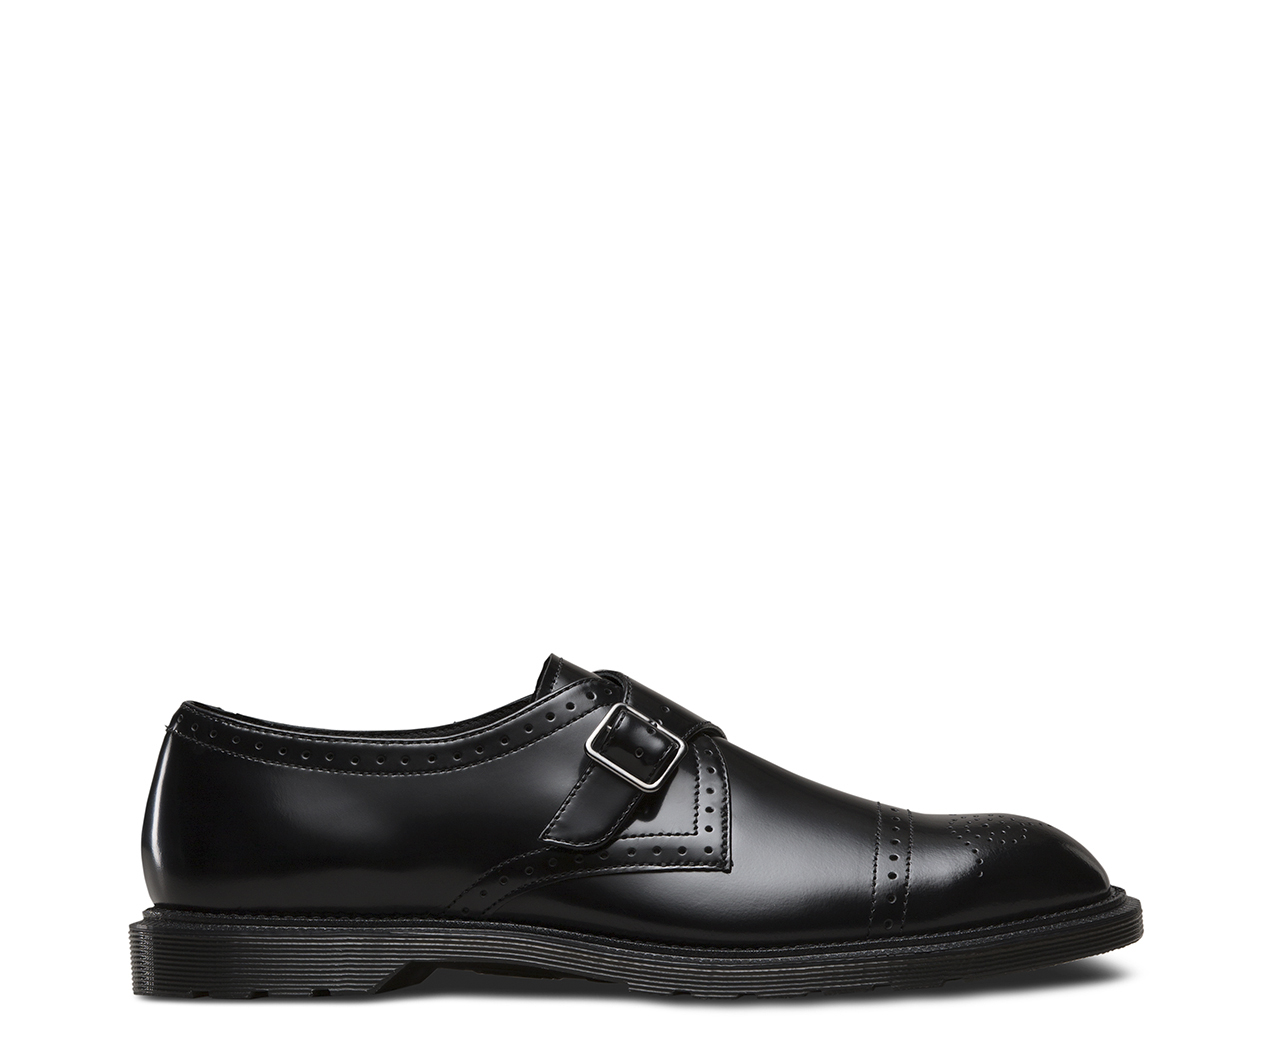 Womens Cobden Black Polished Smooth Boots, Black (Black), 6 UK (39 EU) Dr. Martens